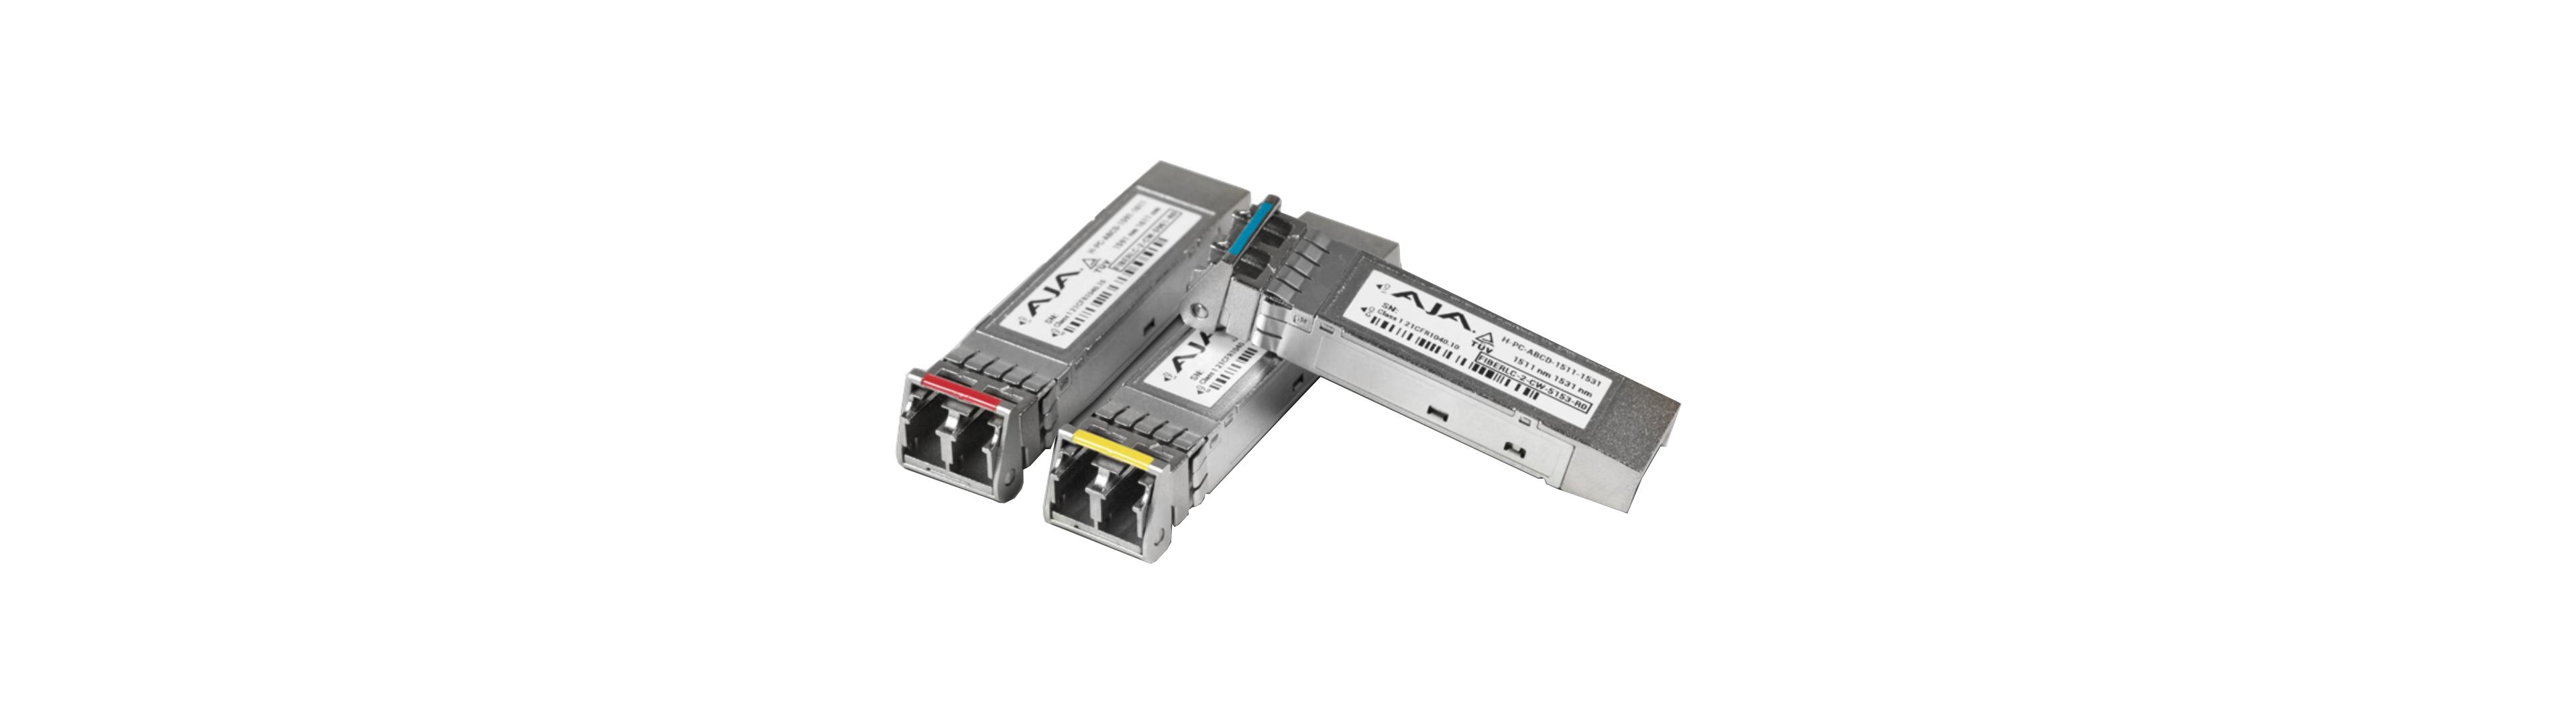 Dual TX 1271/1291 SDI Fiber